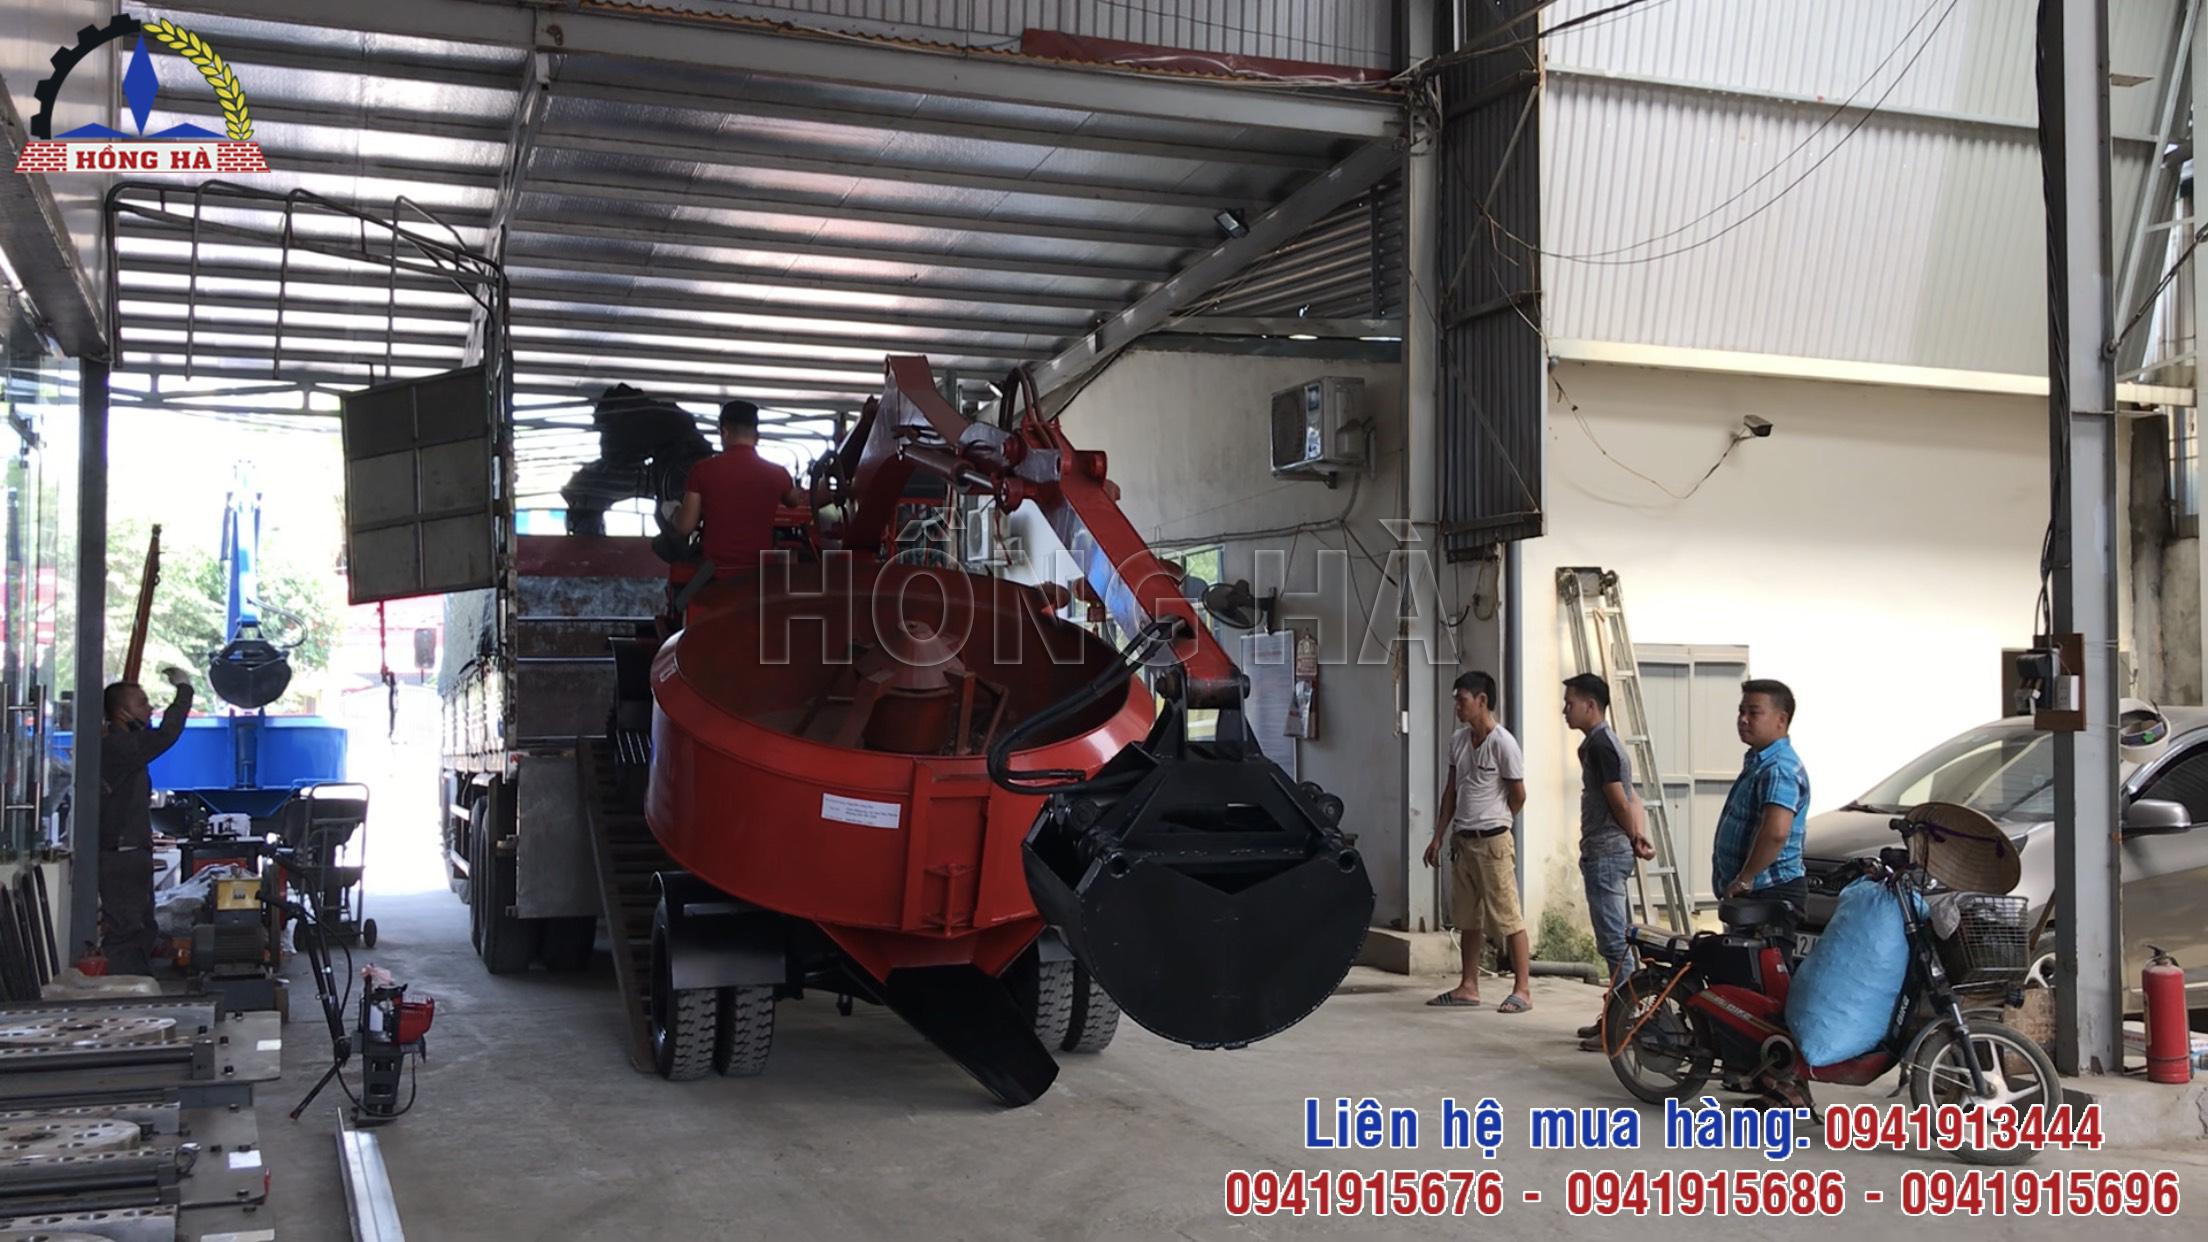 3 Máy trộn tự cấp liệu Hồng Hà lên đường đi Hà Tĩnh